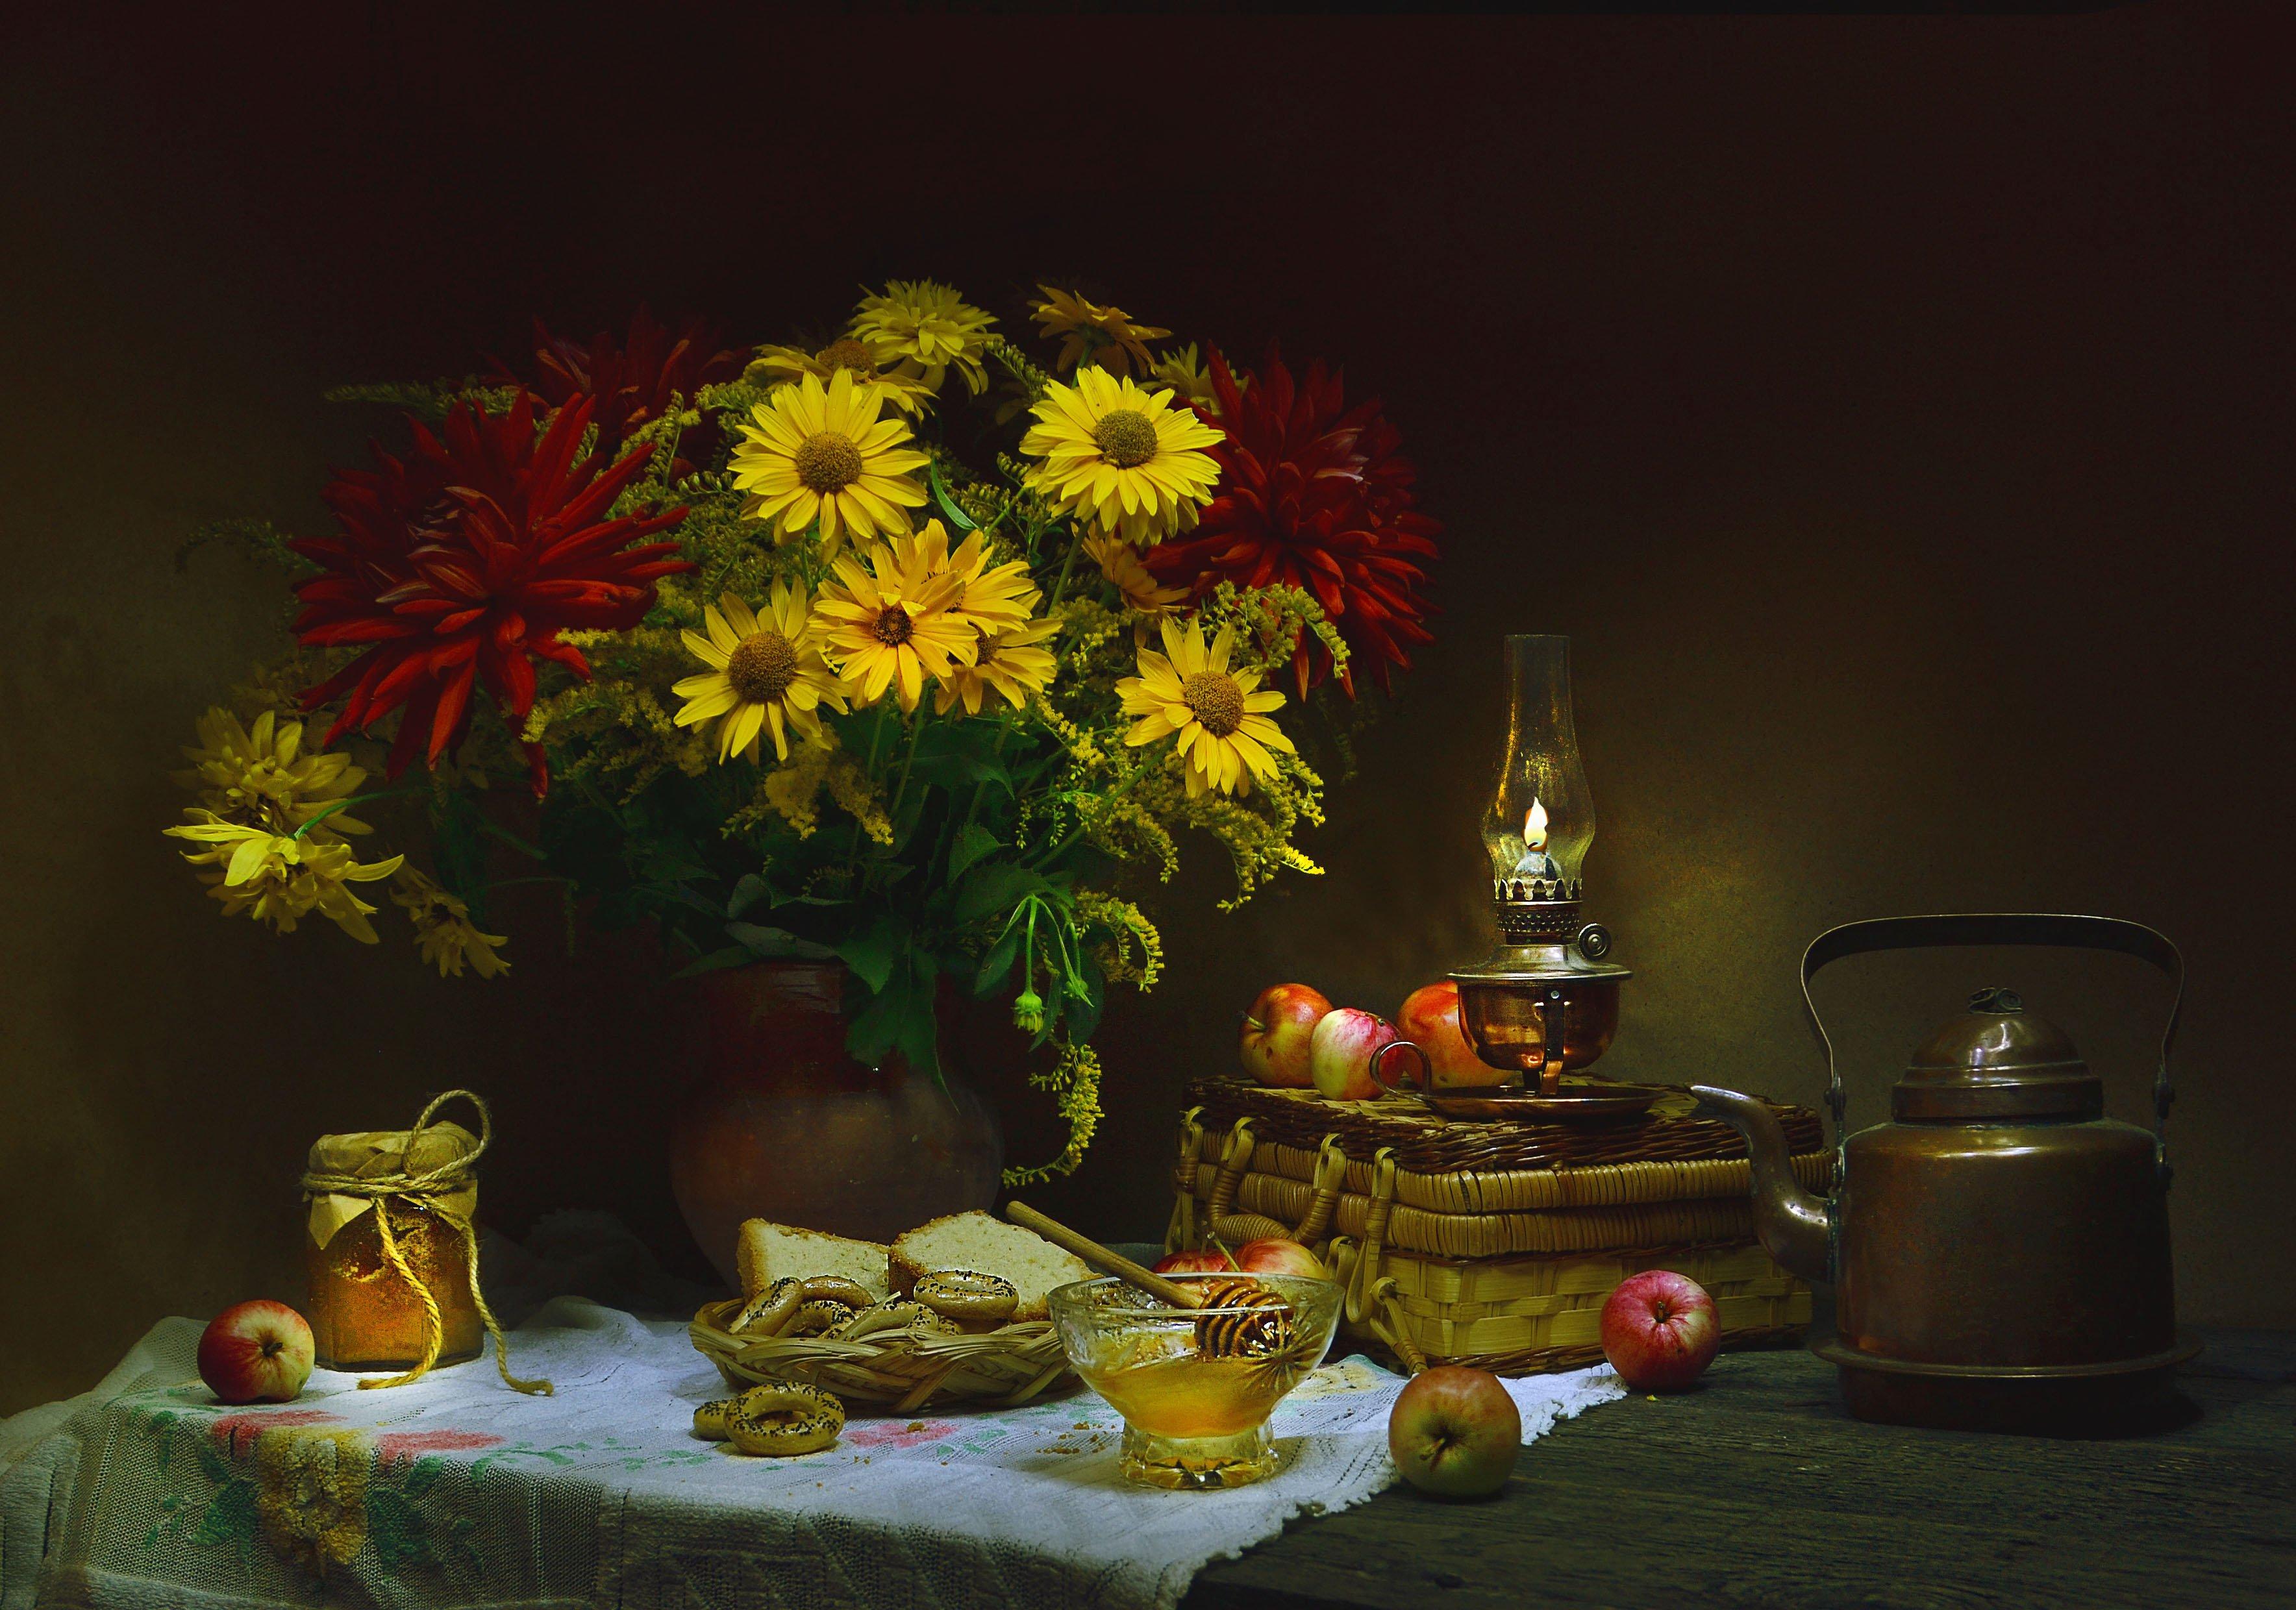 still life, натюрморт,фото натюрморт, медовый спас,цветы, георгины, мёд, яблоки, керосиновая лампа, Колова Валентина